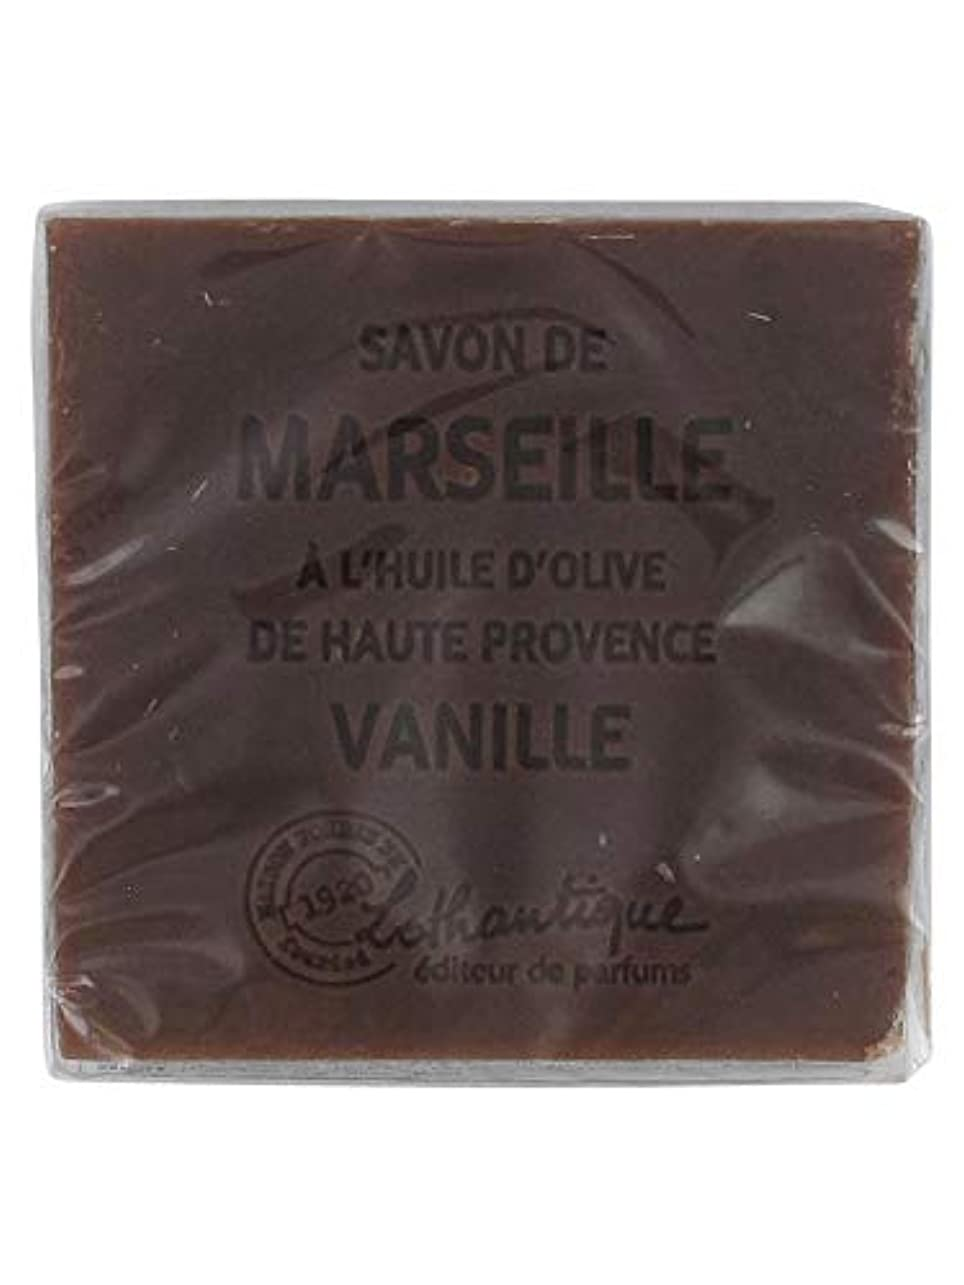 フルーツ通り下着Lothantique(ロタンティック) Les savons de Marseille(マルセイユソープ) マルセイユソープ 100g 「バニラ」 3420070038005